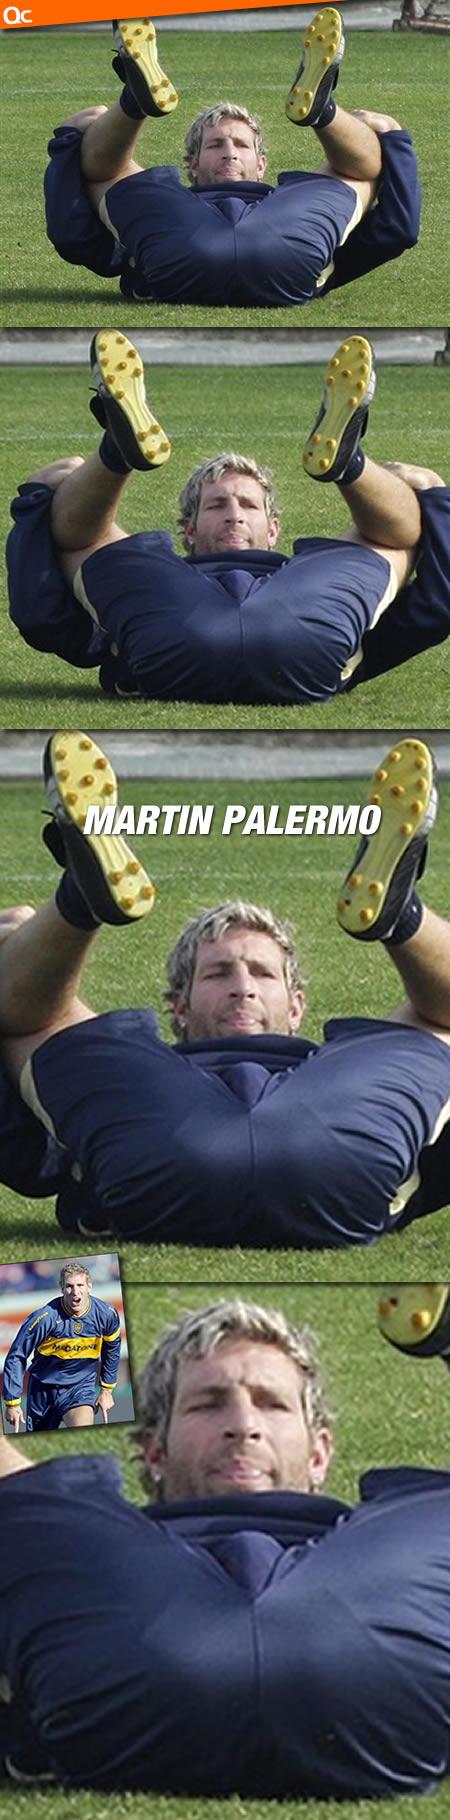 Martin Palermo Bulge